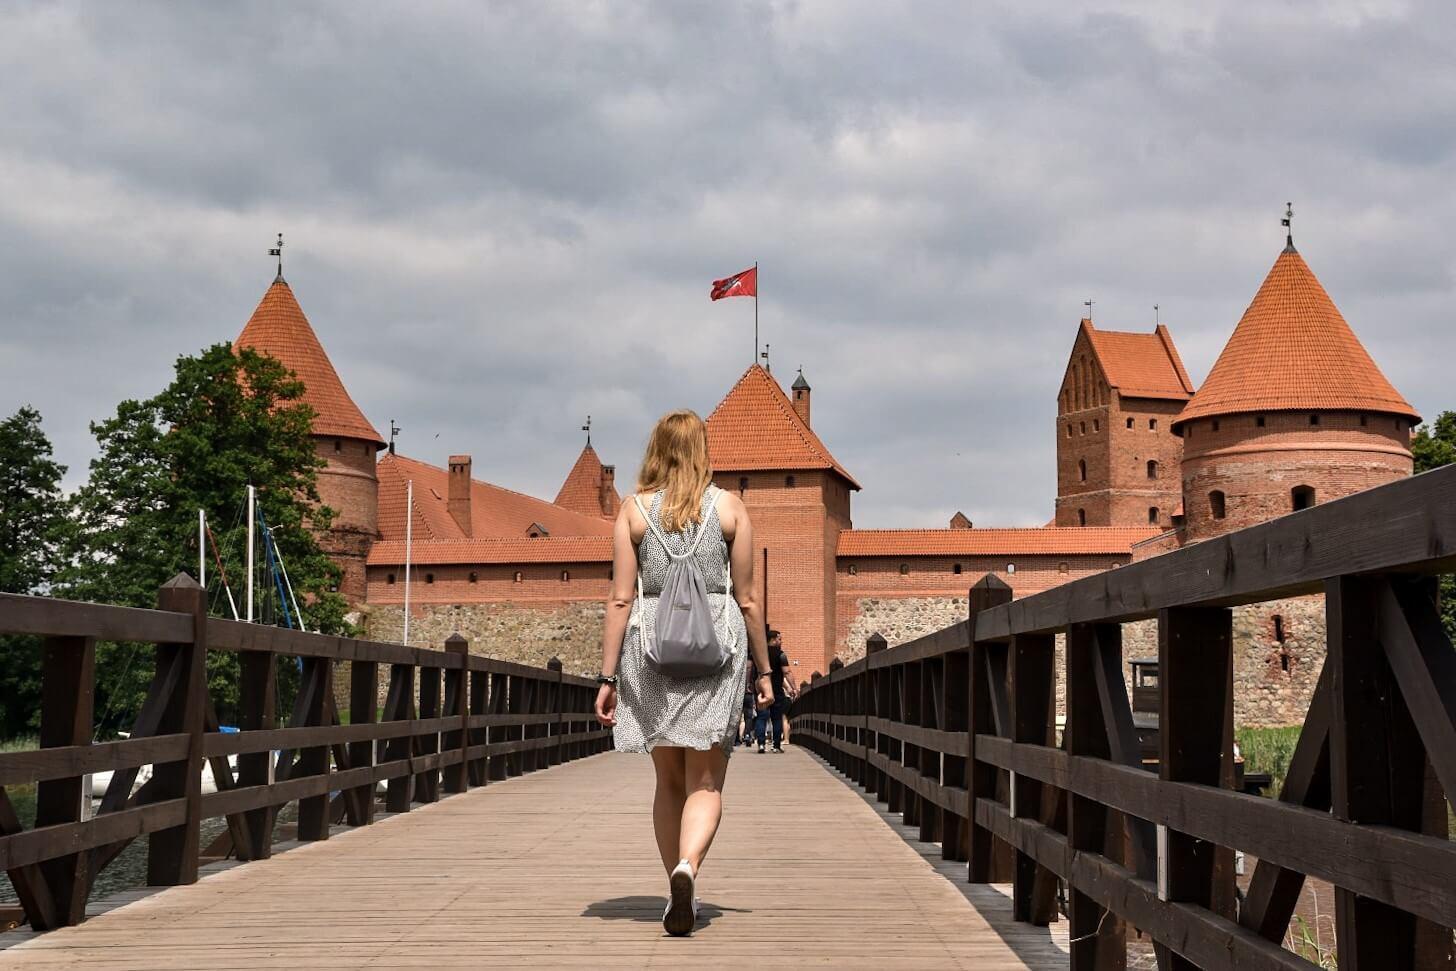 Dziewczyna idąca w kierunku zamku w Trokach.